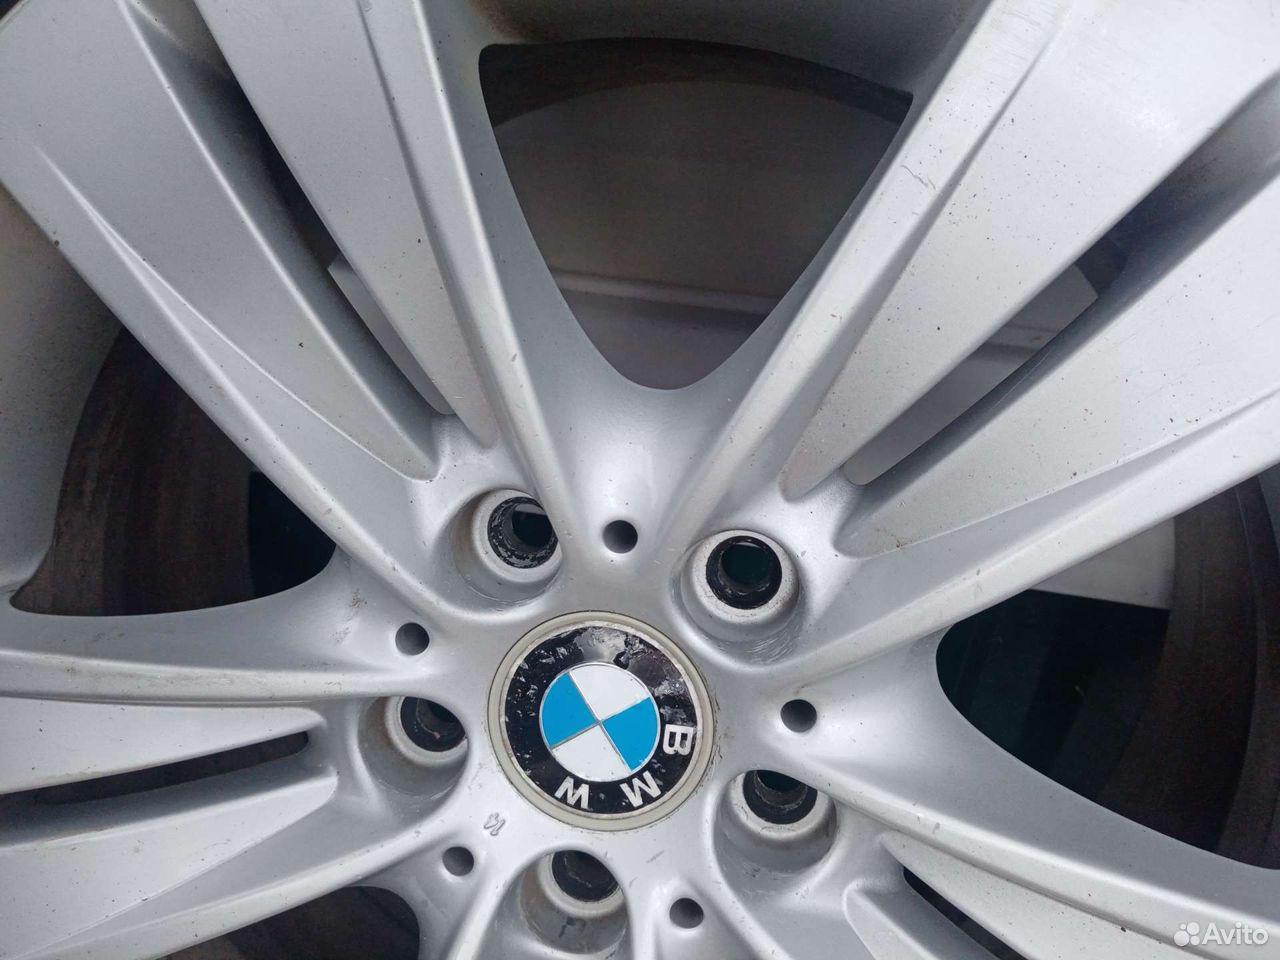 Литье и шины Бмв 18-255-55  89025666423 купить 10